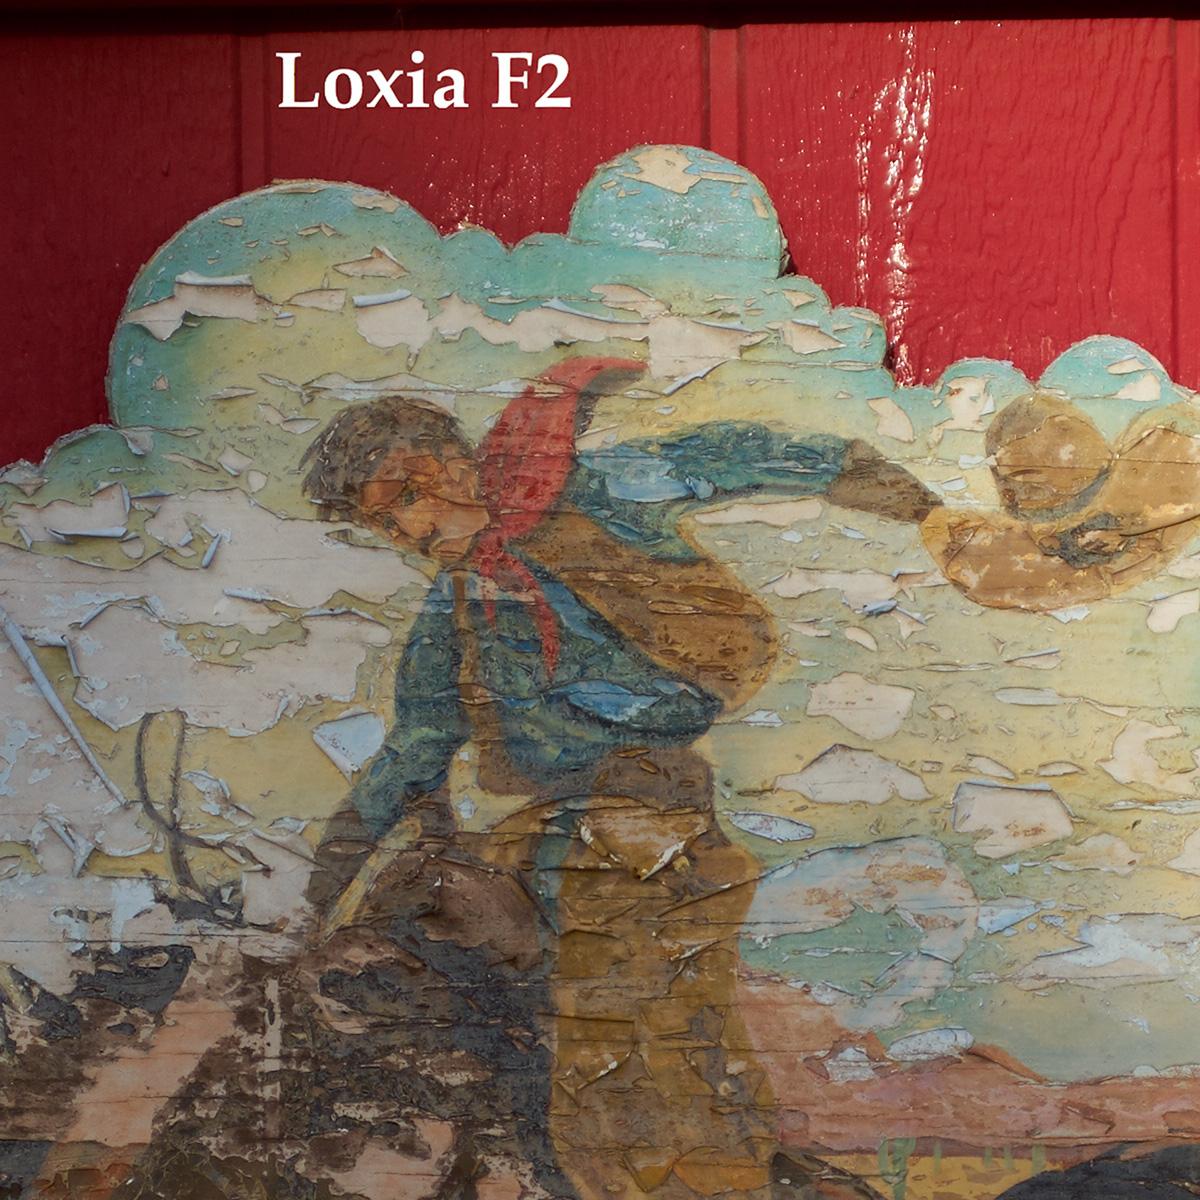 Loxiaf2 by Guy Mancuso in Guy Mancuso